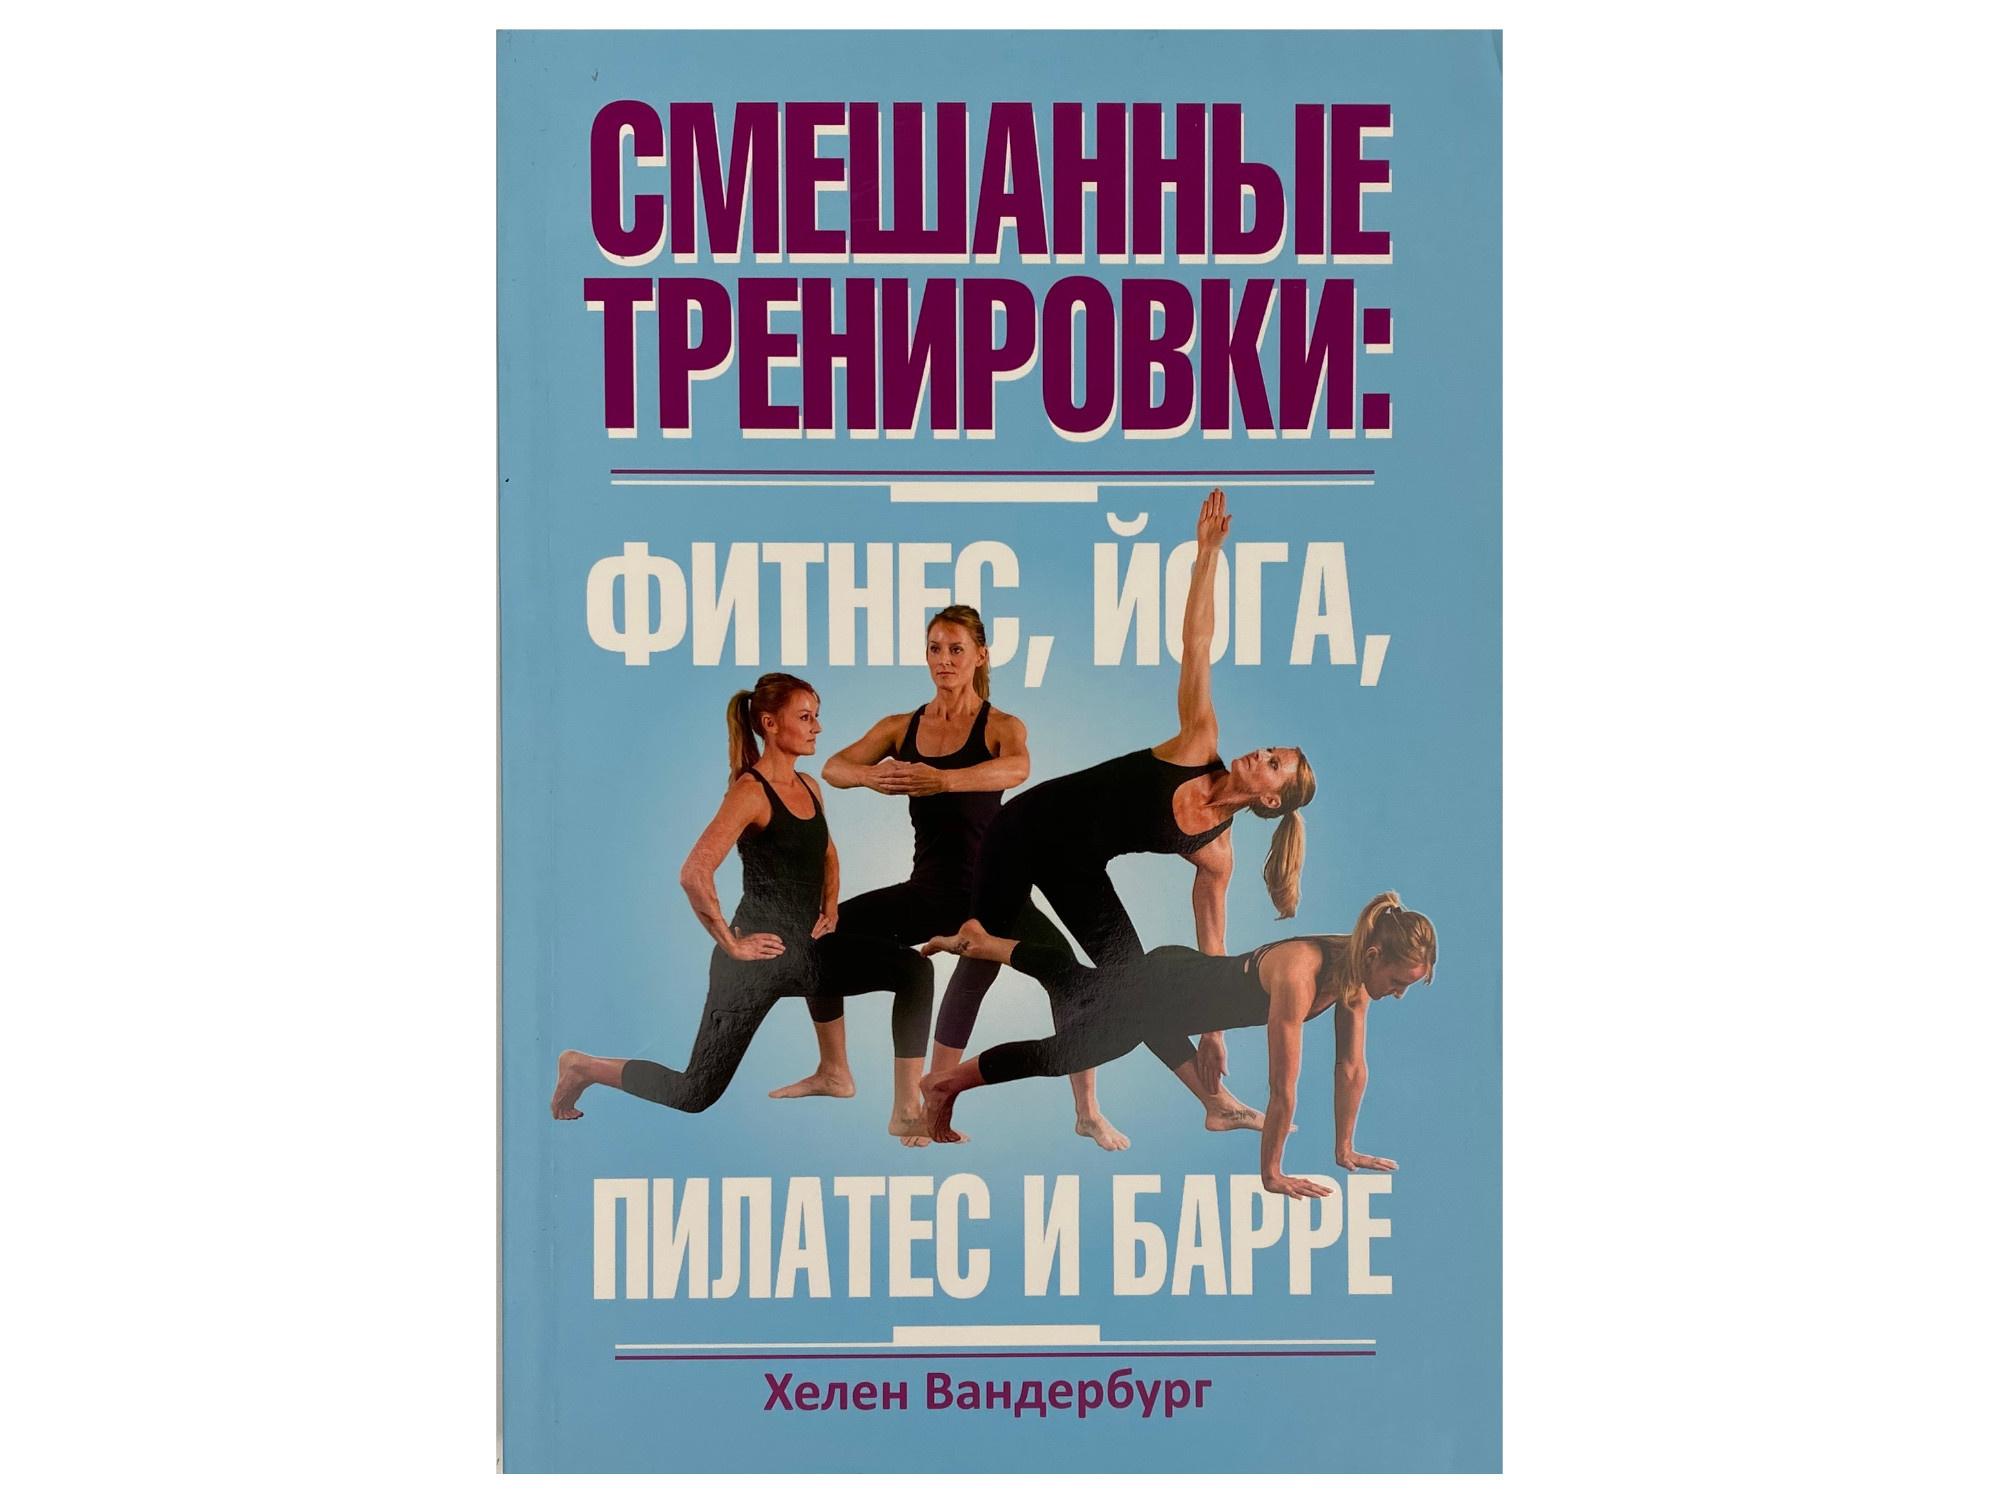 Смешанные тренировки: фитнес, йога, пилатес и барре. Автор — Хелен Вандербург. Переплет —